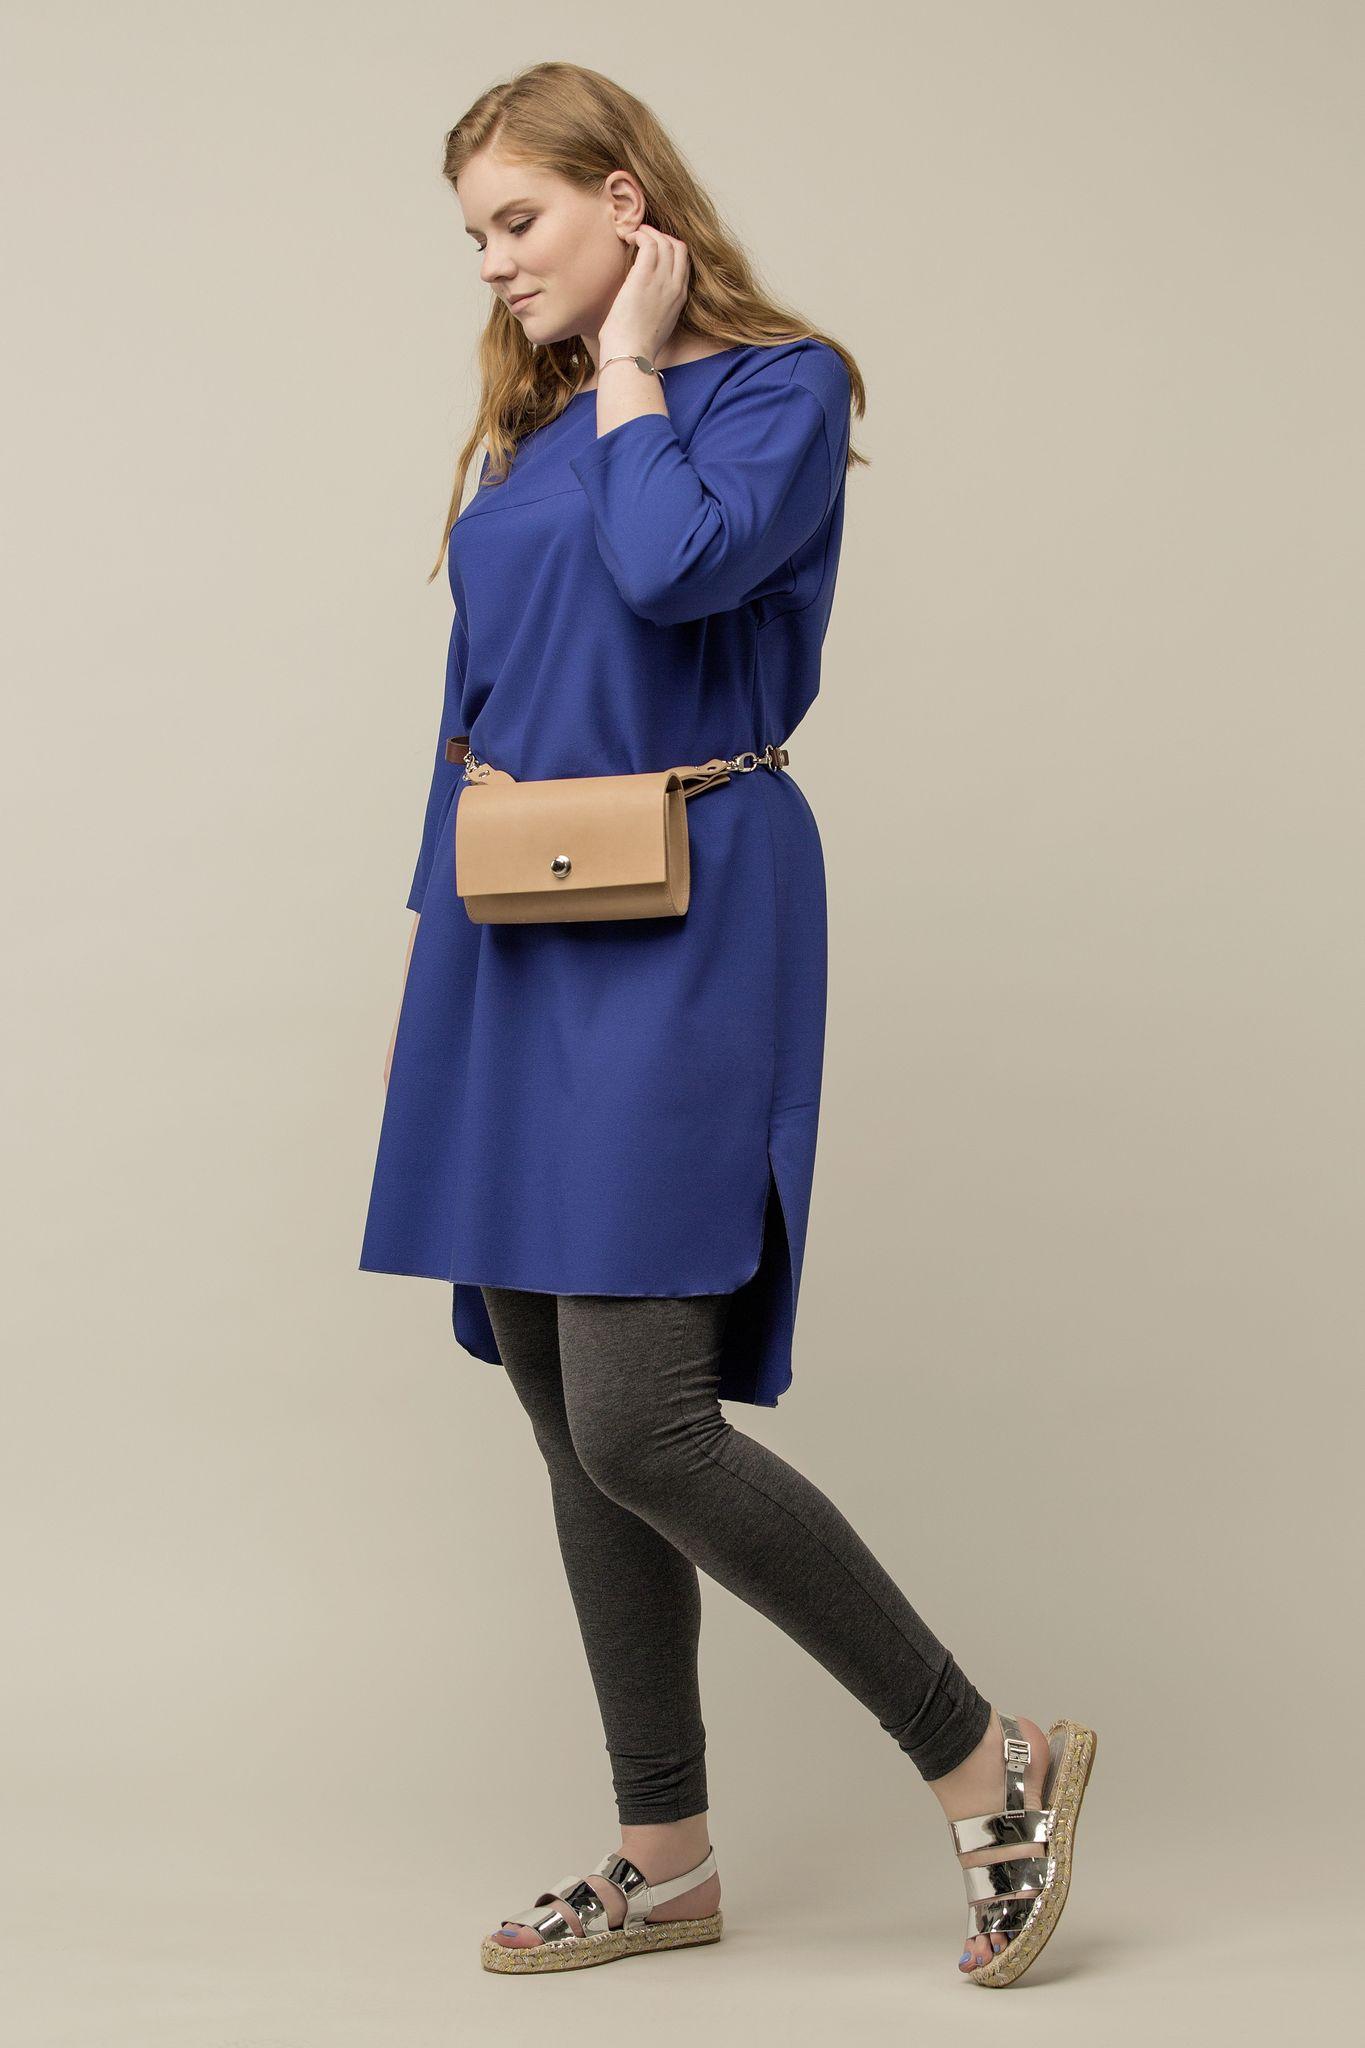 Платье-туника BASE-03 SH01 37Платья<br>Стильная туника из мягкой, легкой, комфортной и, к тому же очень ноской ткани – практичная, стильная и фантастически удобная! Разный уровень длины на спине и впереди – добавляет правильной геометрии и стильного акцента образу. С брюками и плотными колготами, а также любой обувью и аксессуарами, Вы всегда в тренде!<br>